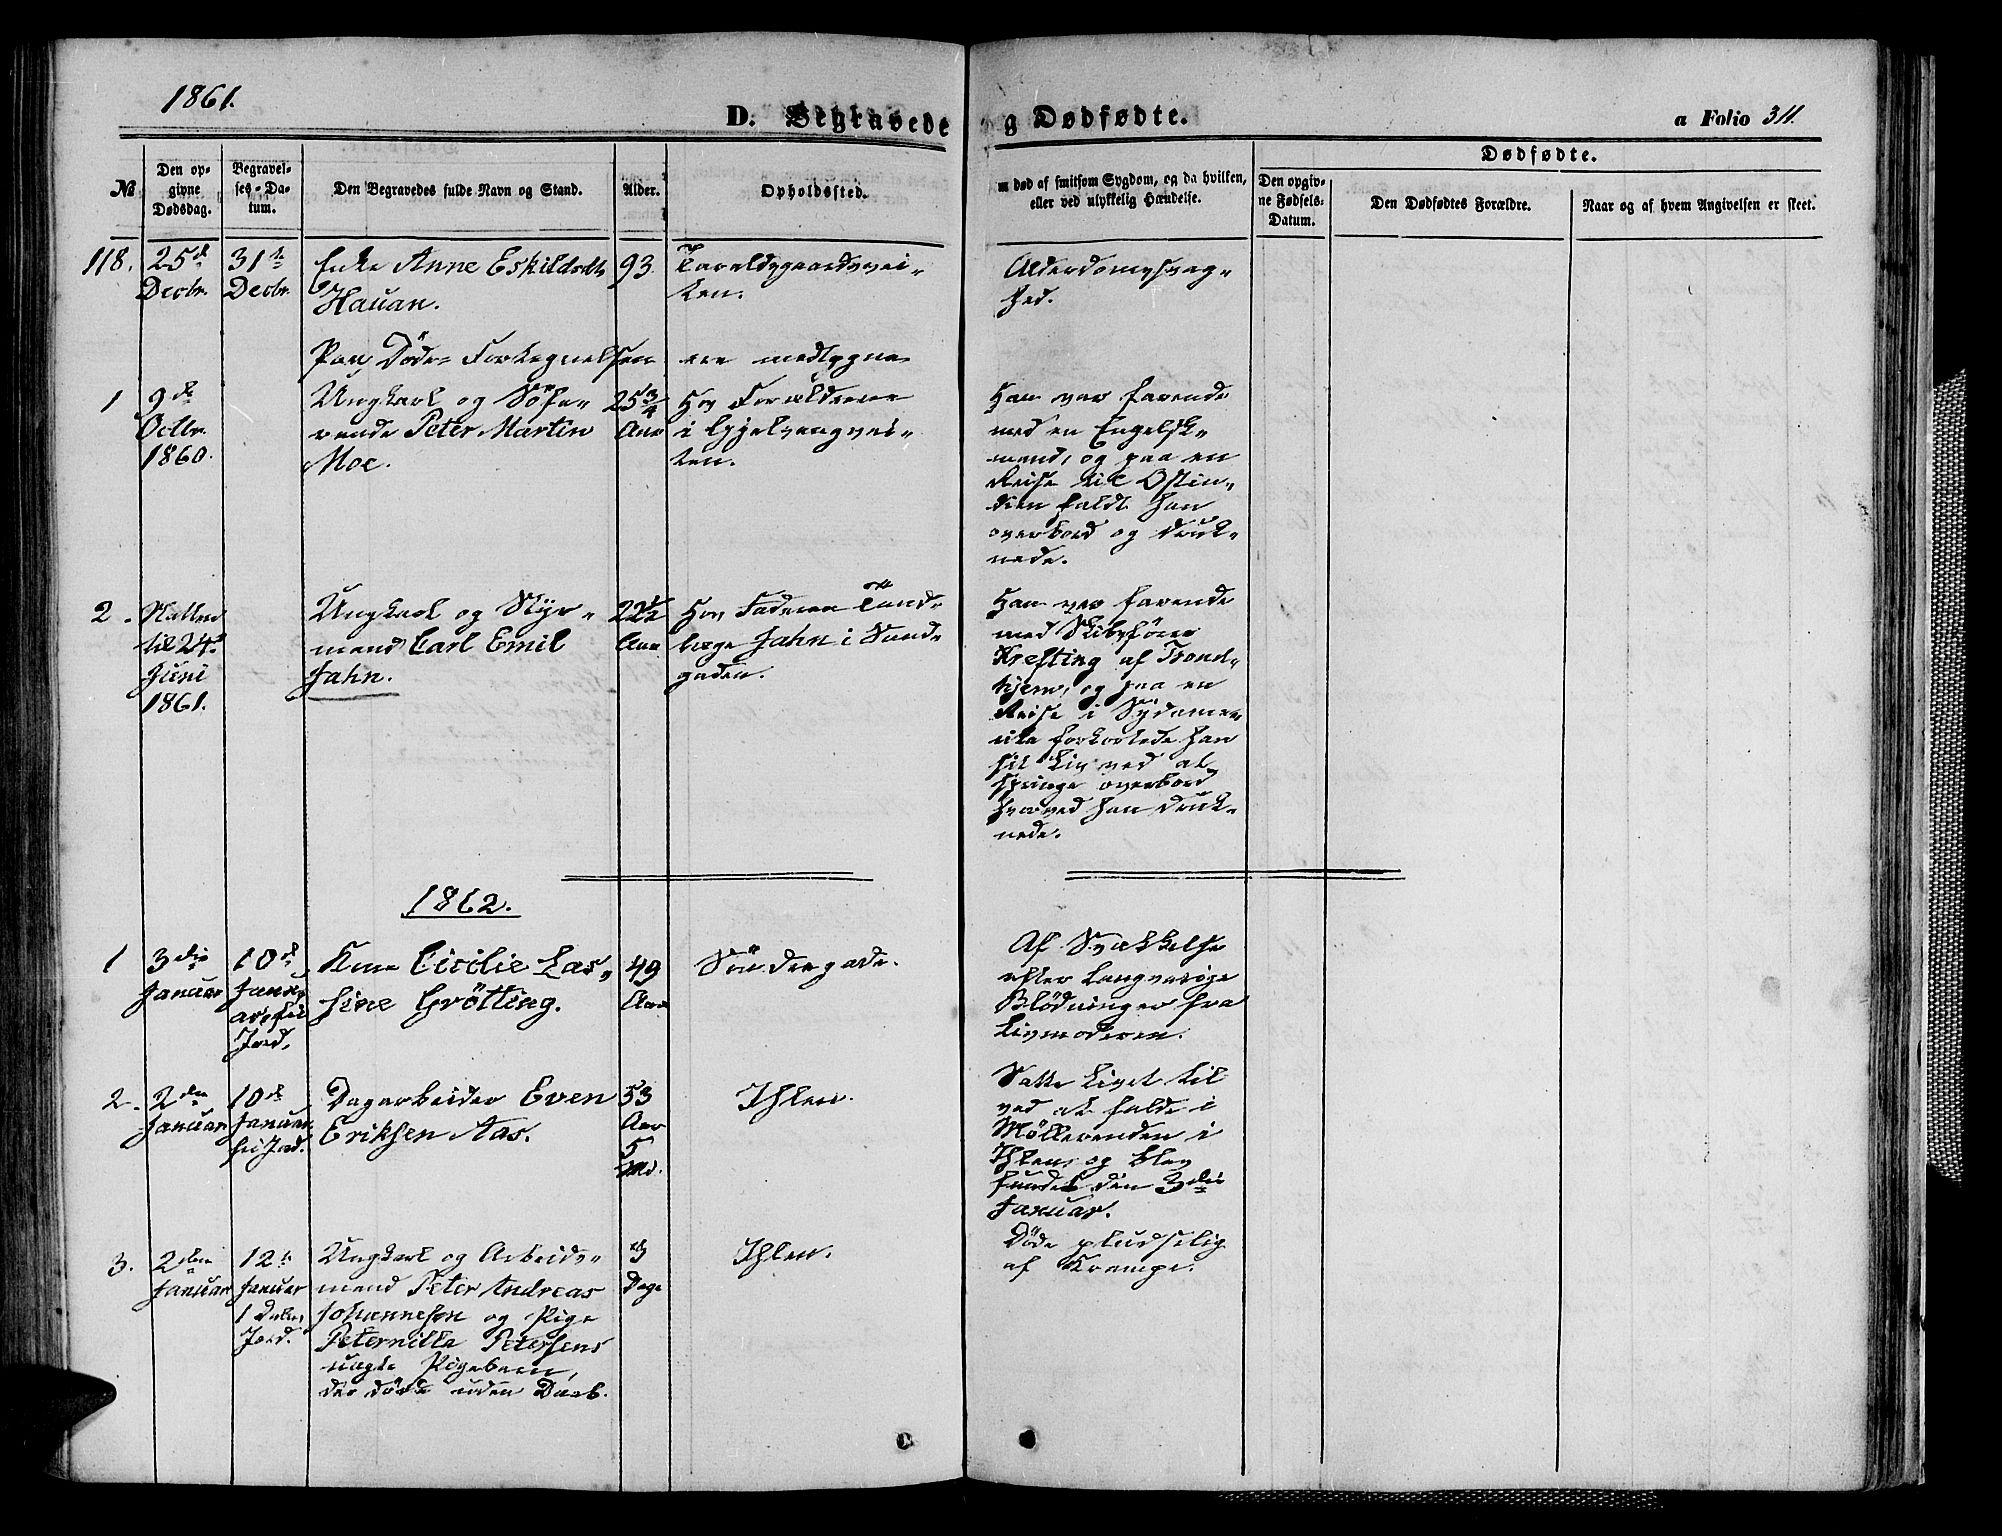 SAT, Ministerialprotokoller, klokkerbøker og fødselsregistre - Sør-Trøndelag, 602/L0139: Klokkerbok nr. 602C07, 1859-1864, s. 311